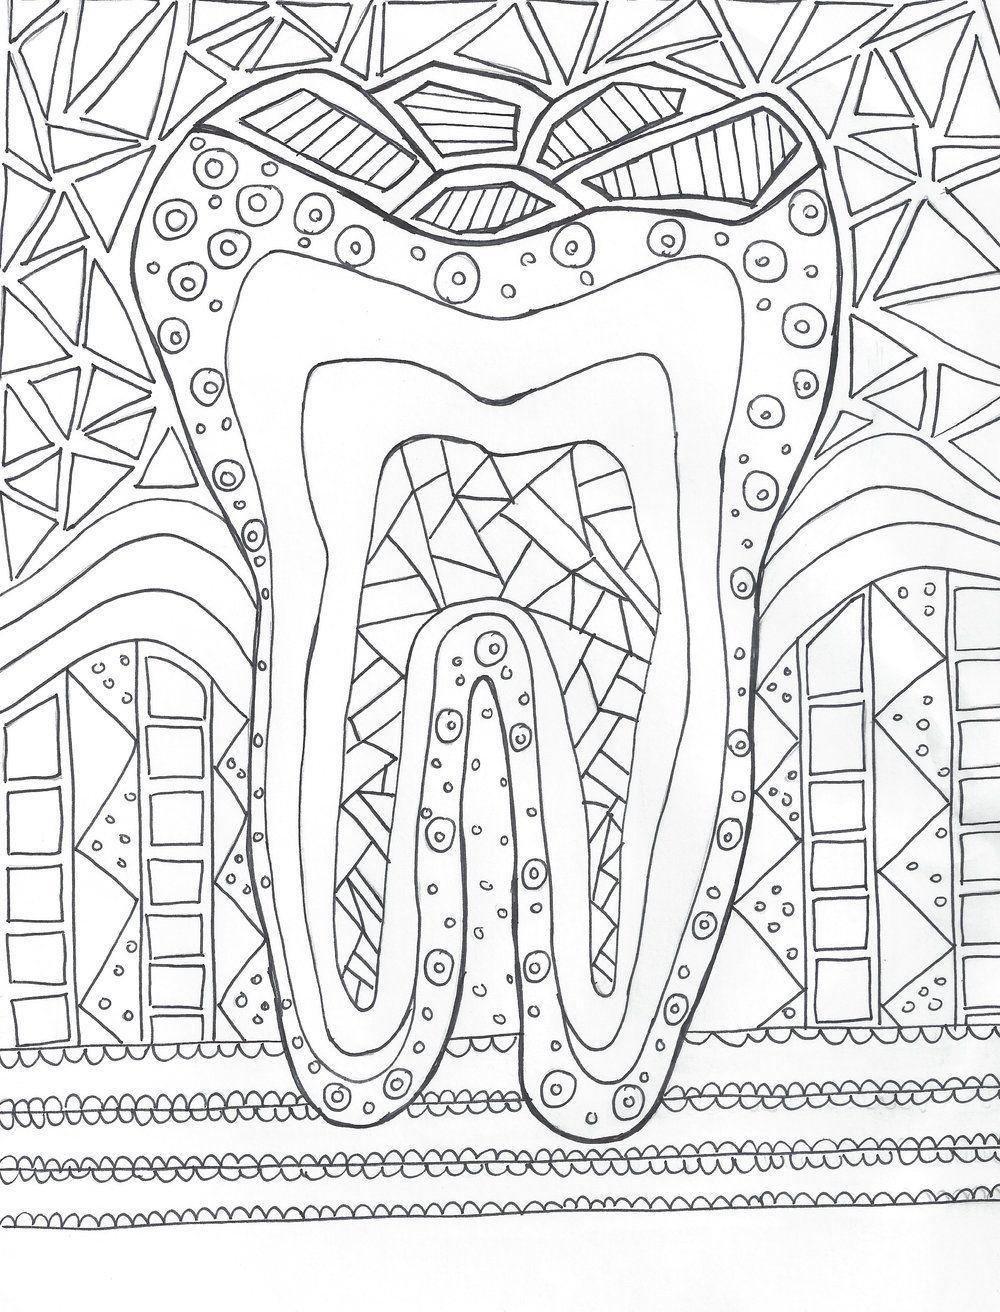 Coloring Page Hygiene Edge Dental Hygiene School Dental Anatomy Dental Hygiene